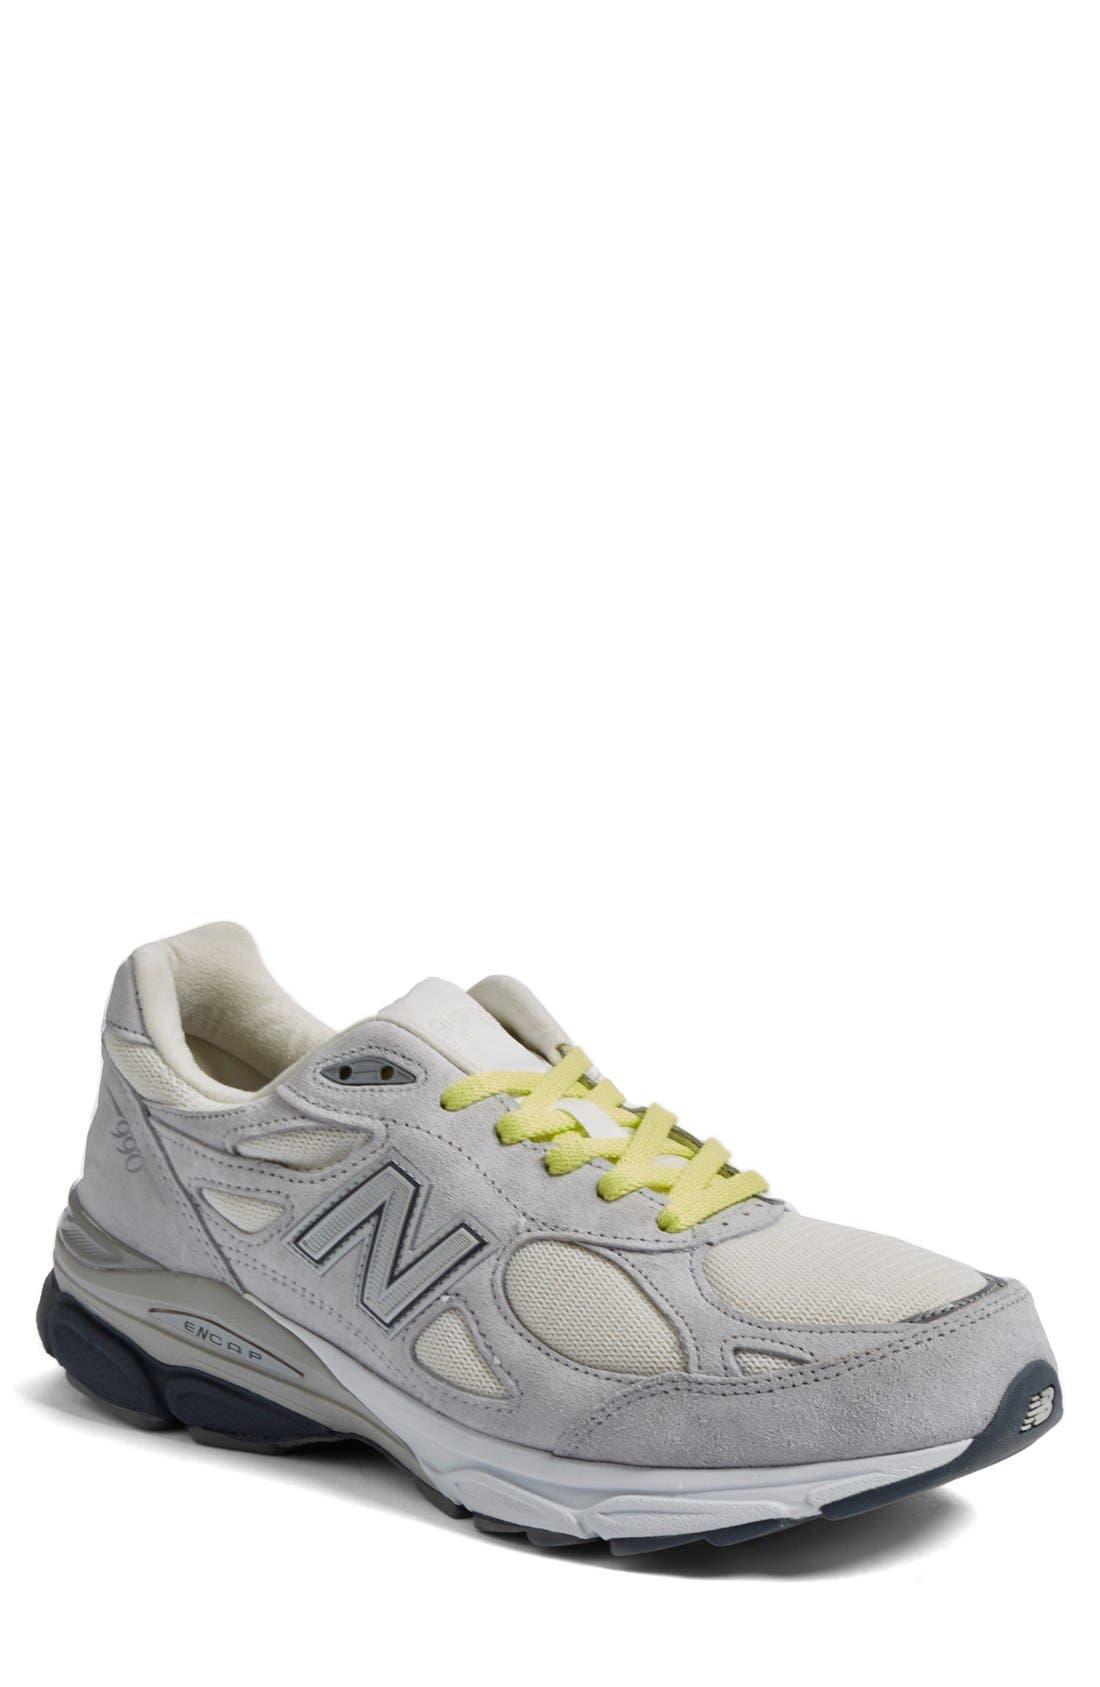 '990v3' Running Shoe,                             Alternate thumbnail 3, color,                             020